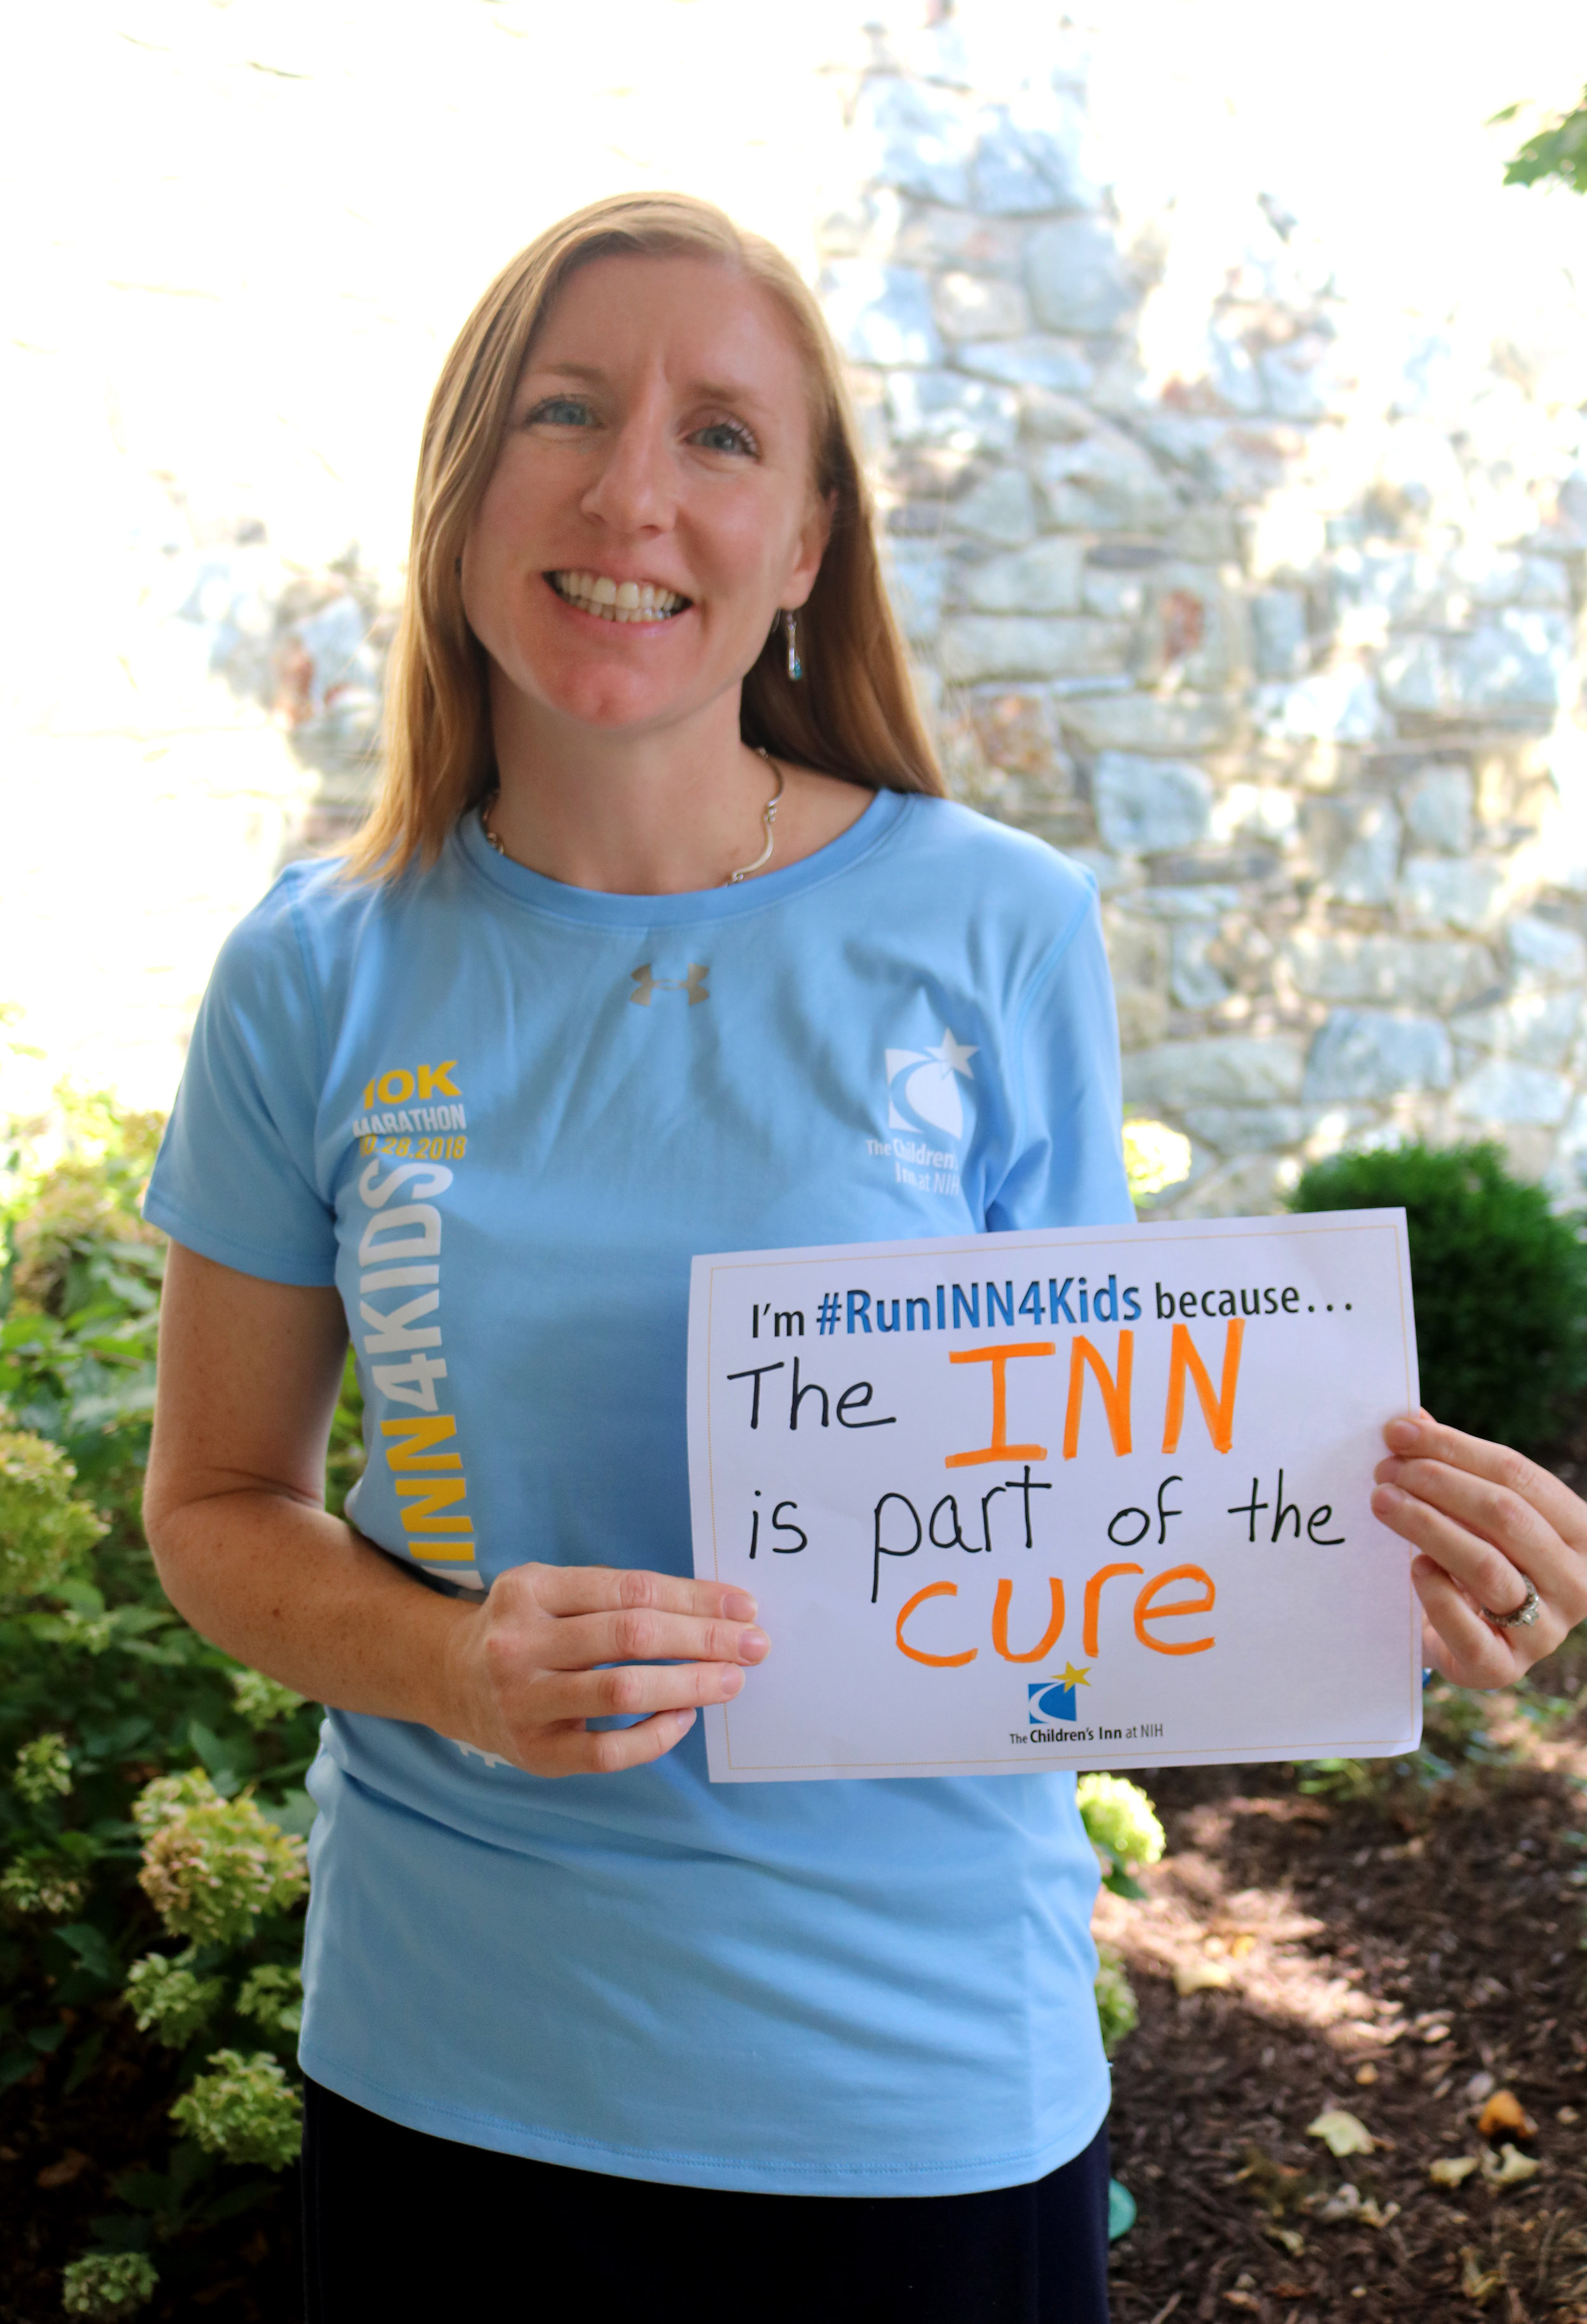 Inn staff member Erica shares why she's running on Team #RunINN4Kids